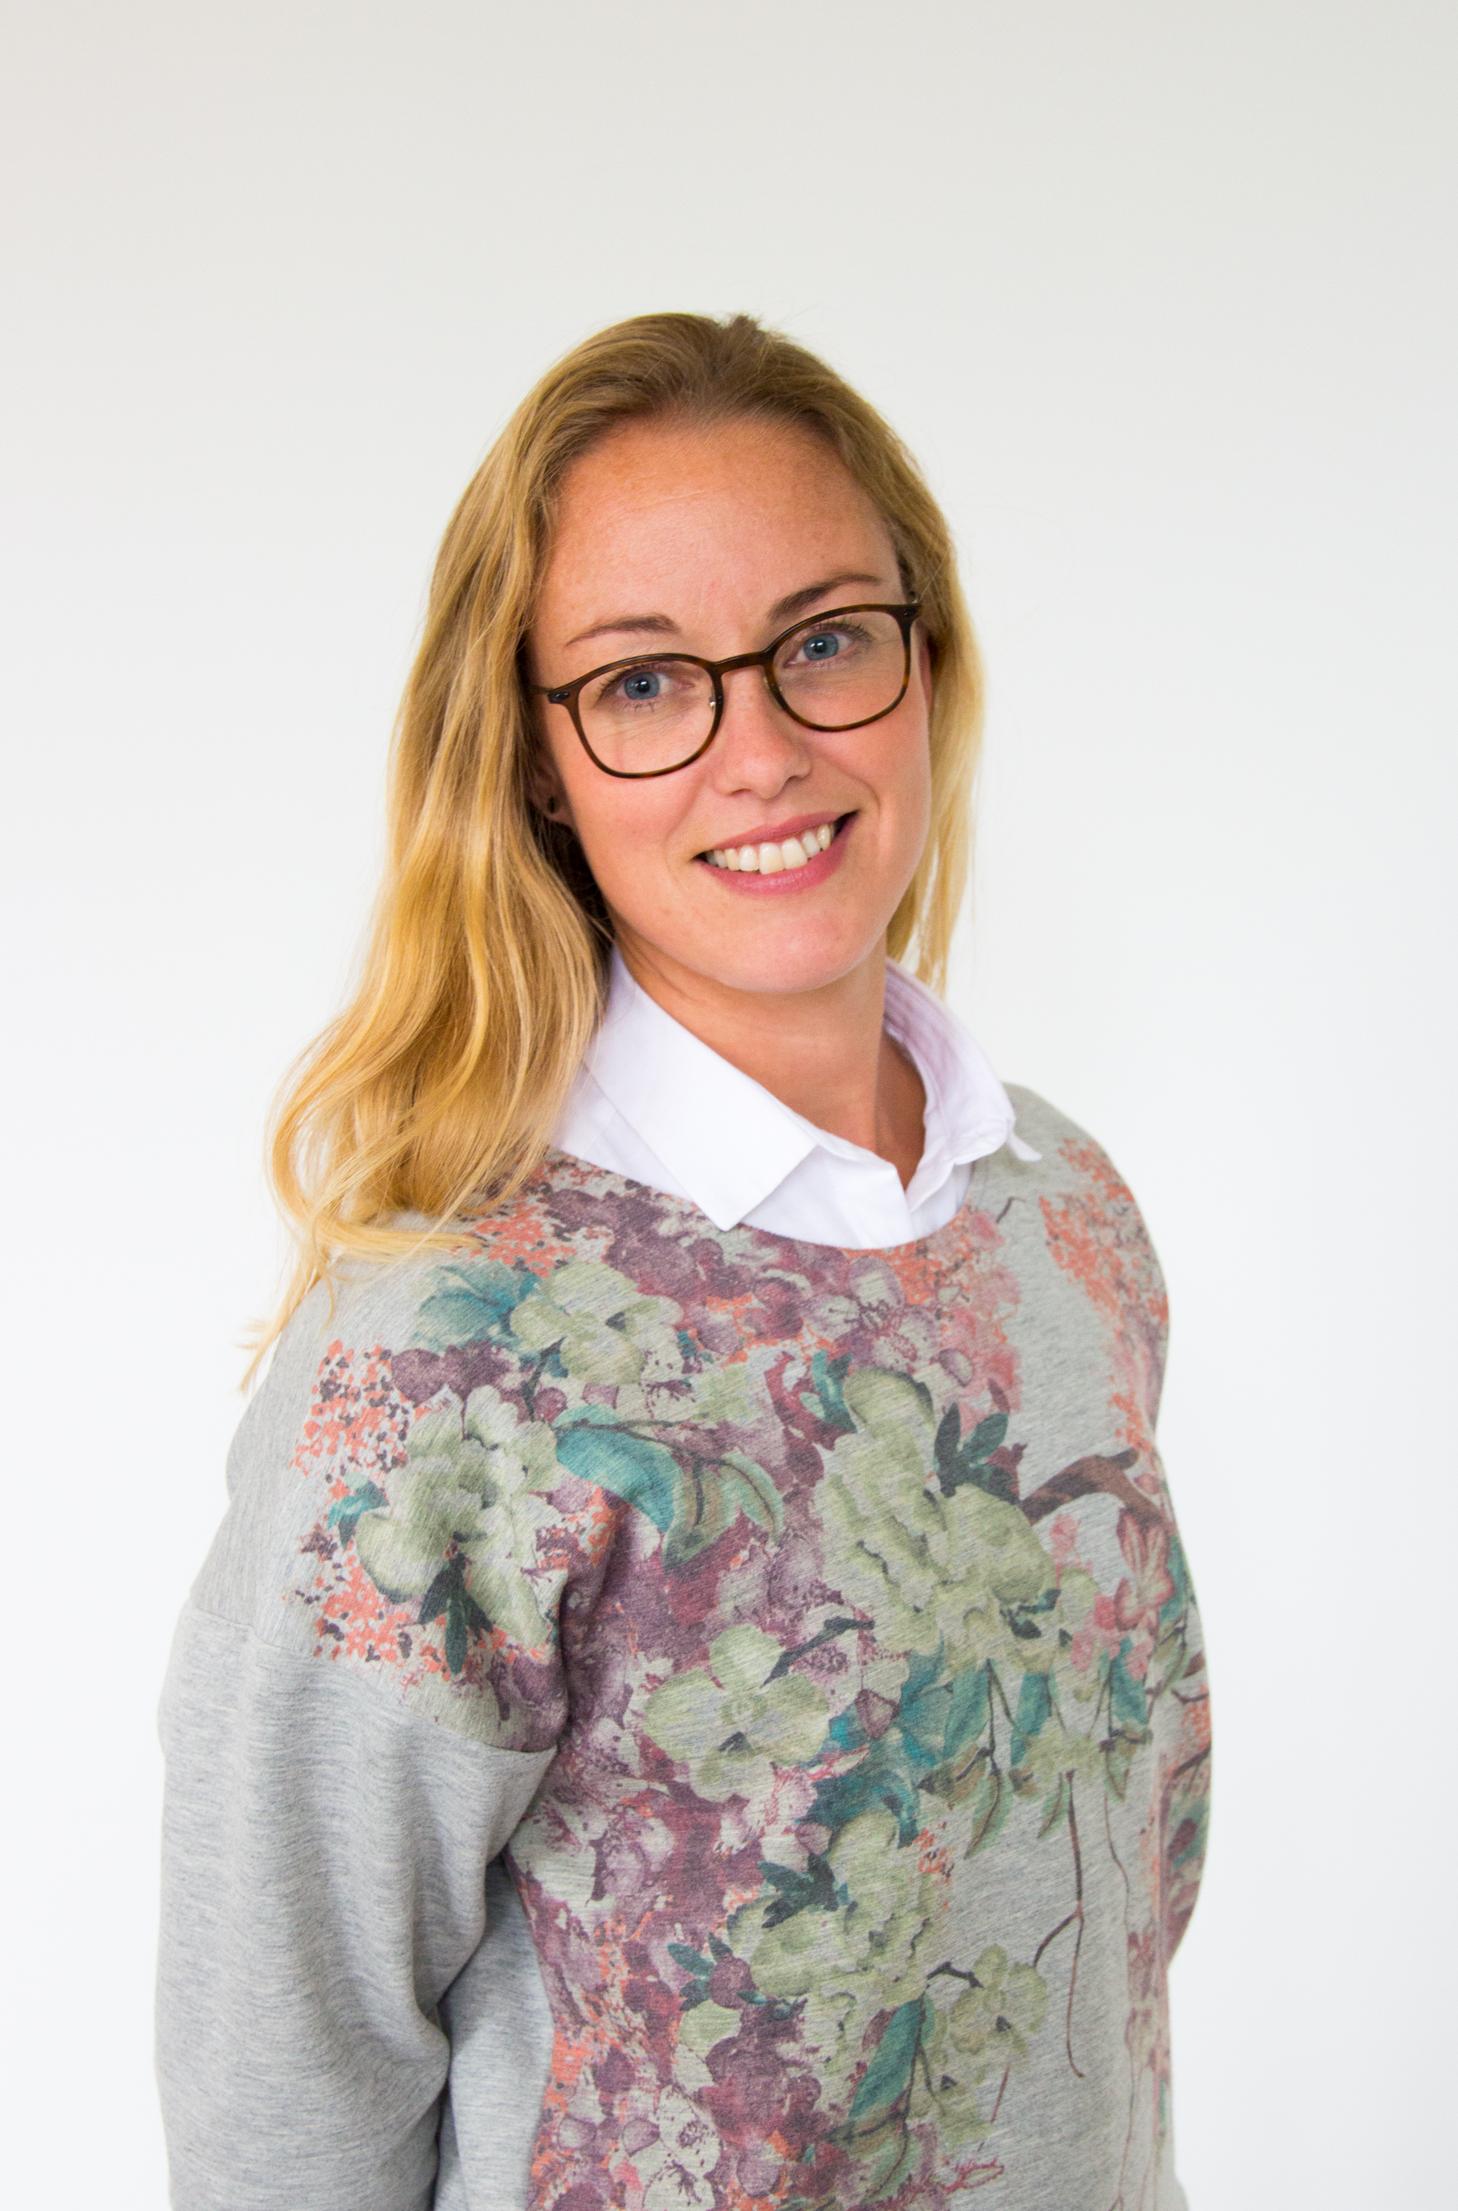 Hanna Holmberg